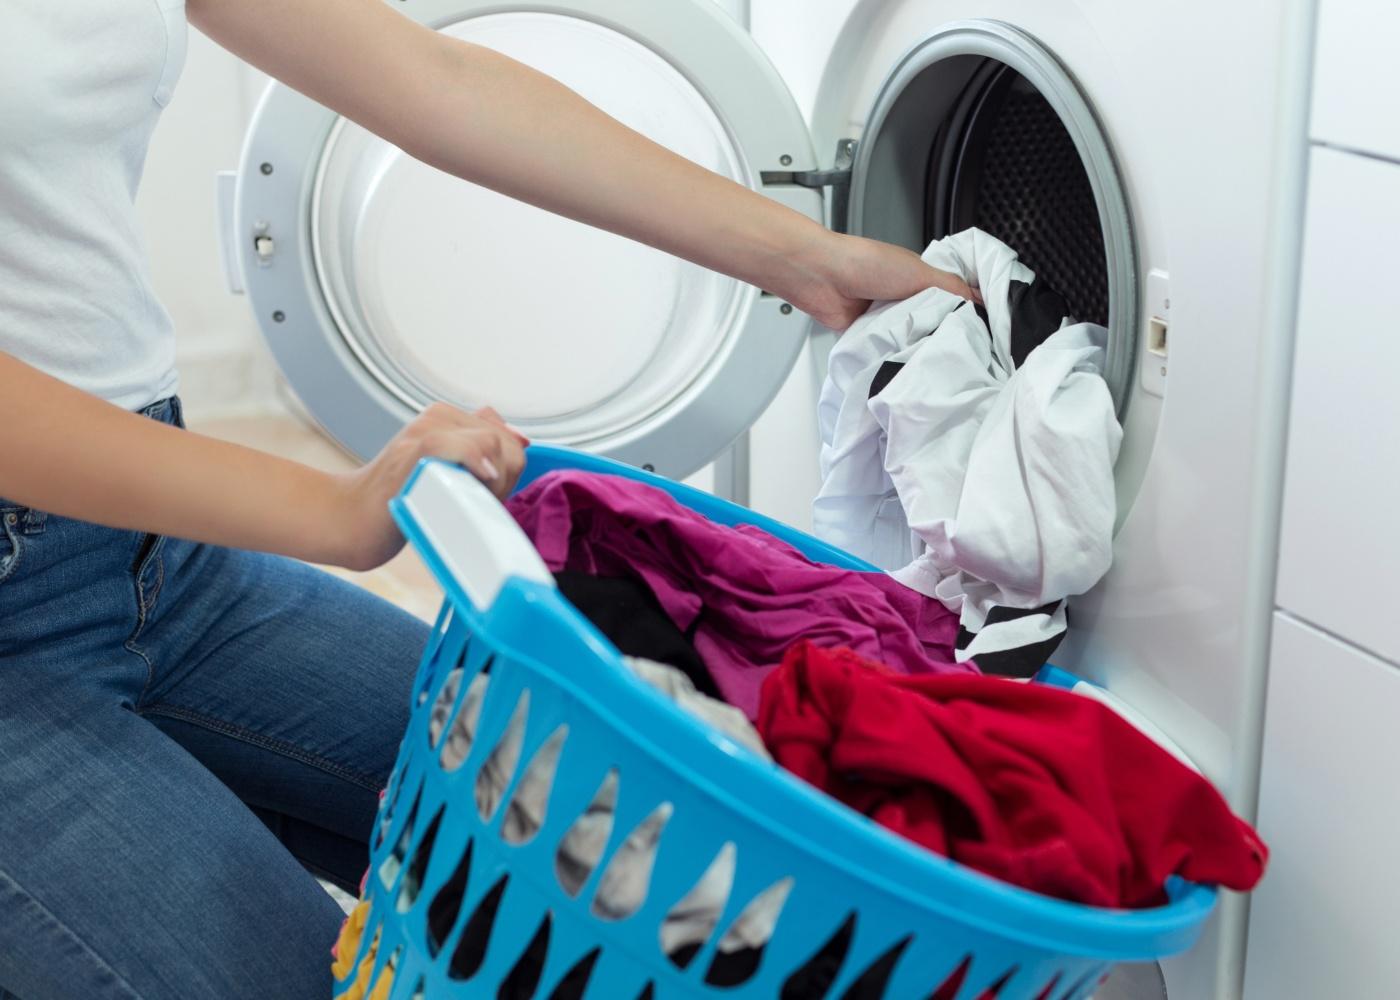 roupa para secar